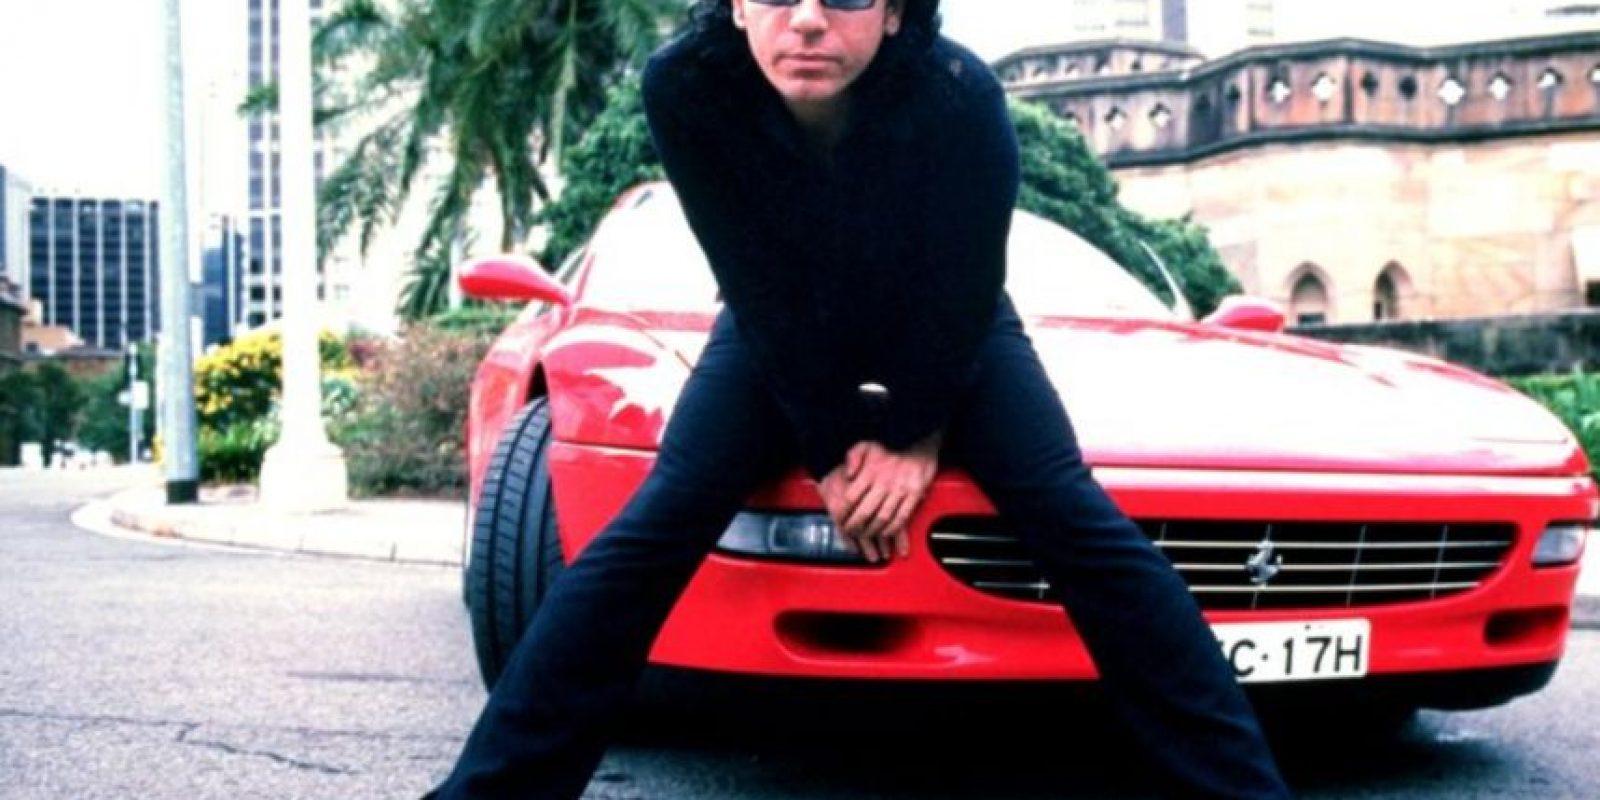 El sensual y escandaloso vocalista de INXS murió en 1997 en un hotel de Sidney. La versión oficial dice que se suicidó. Foto:Wikicommons